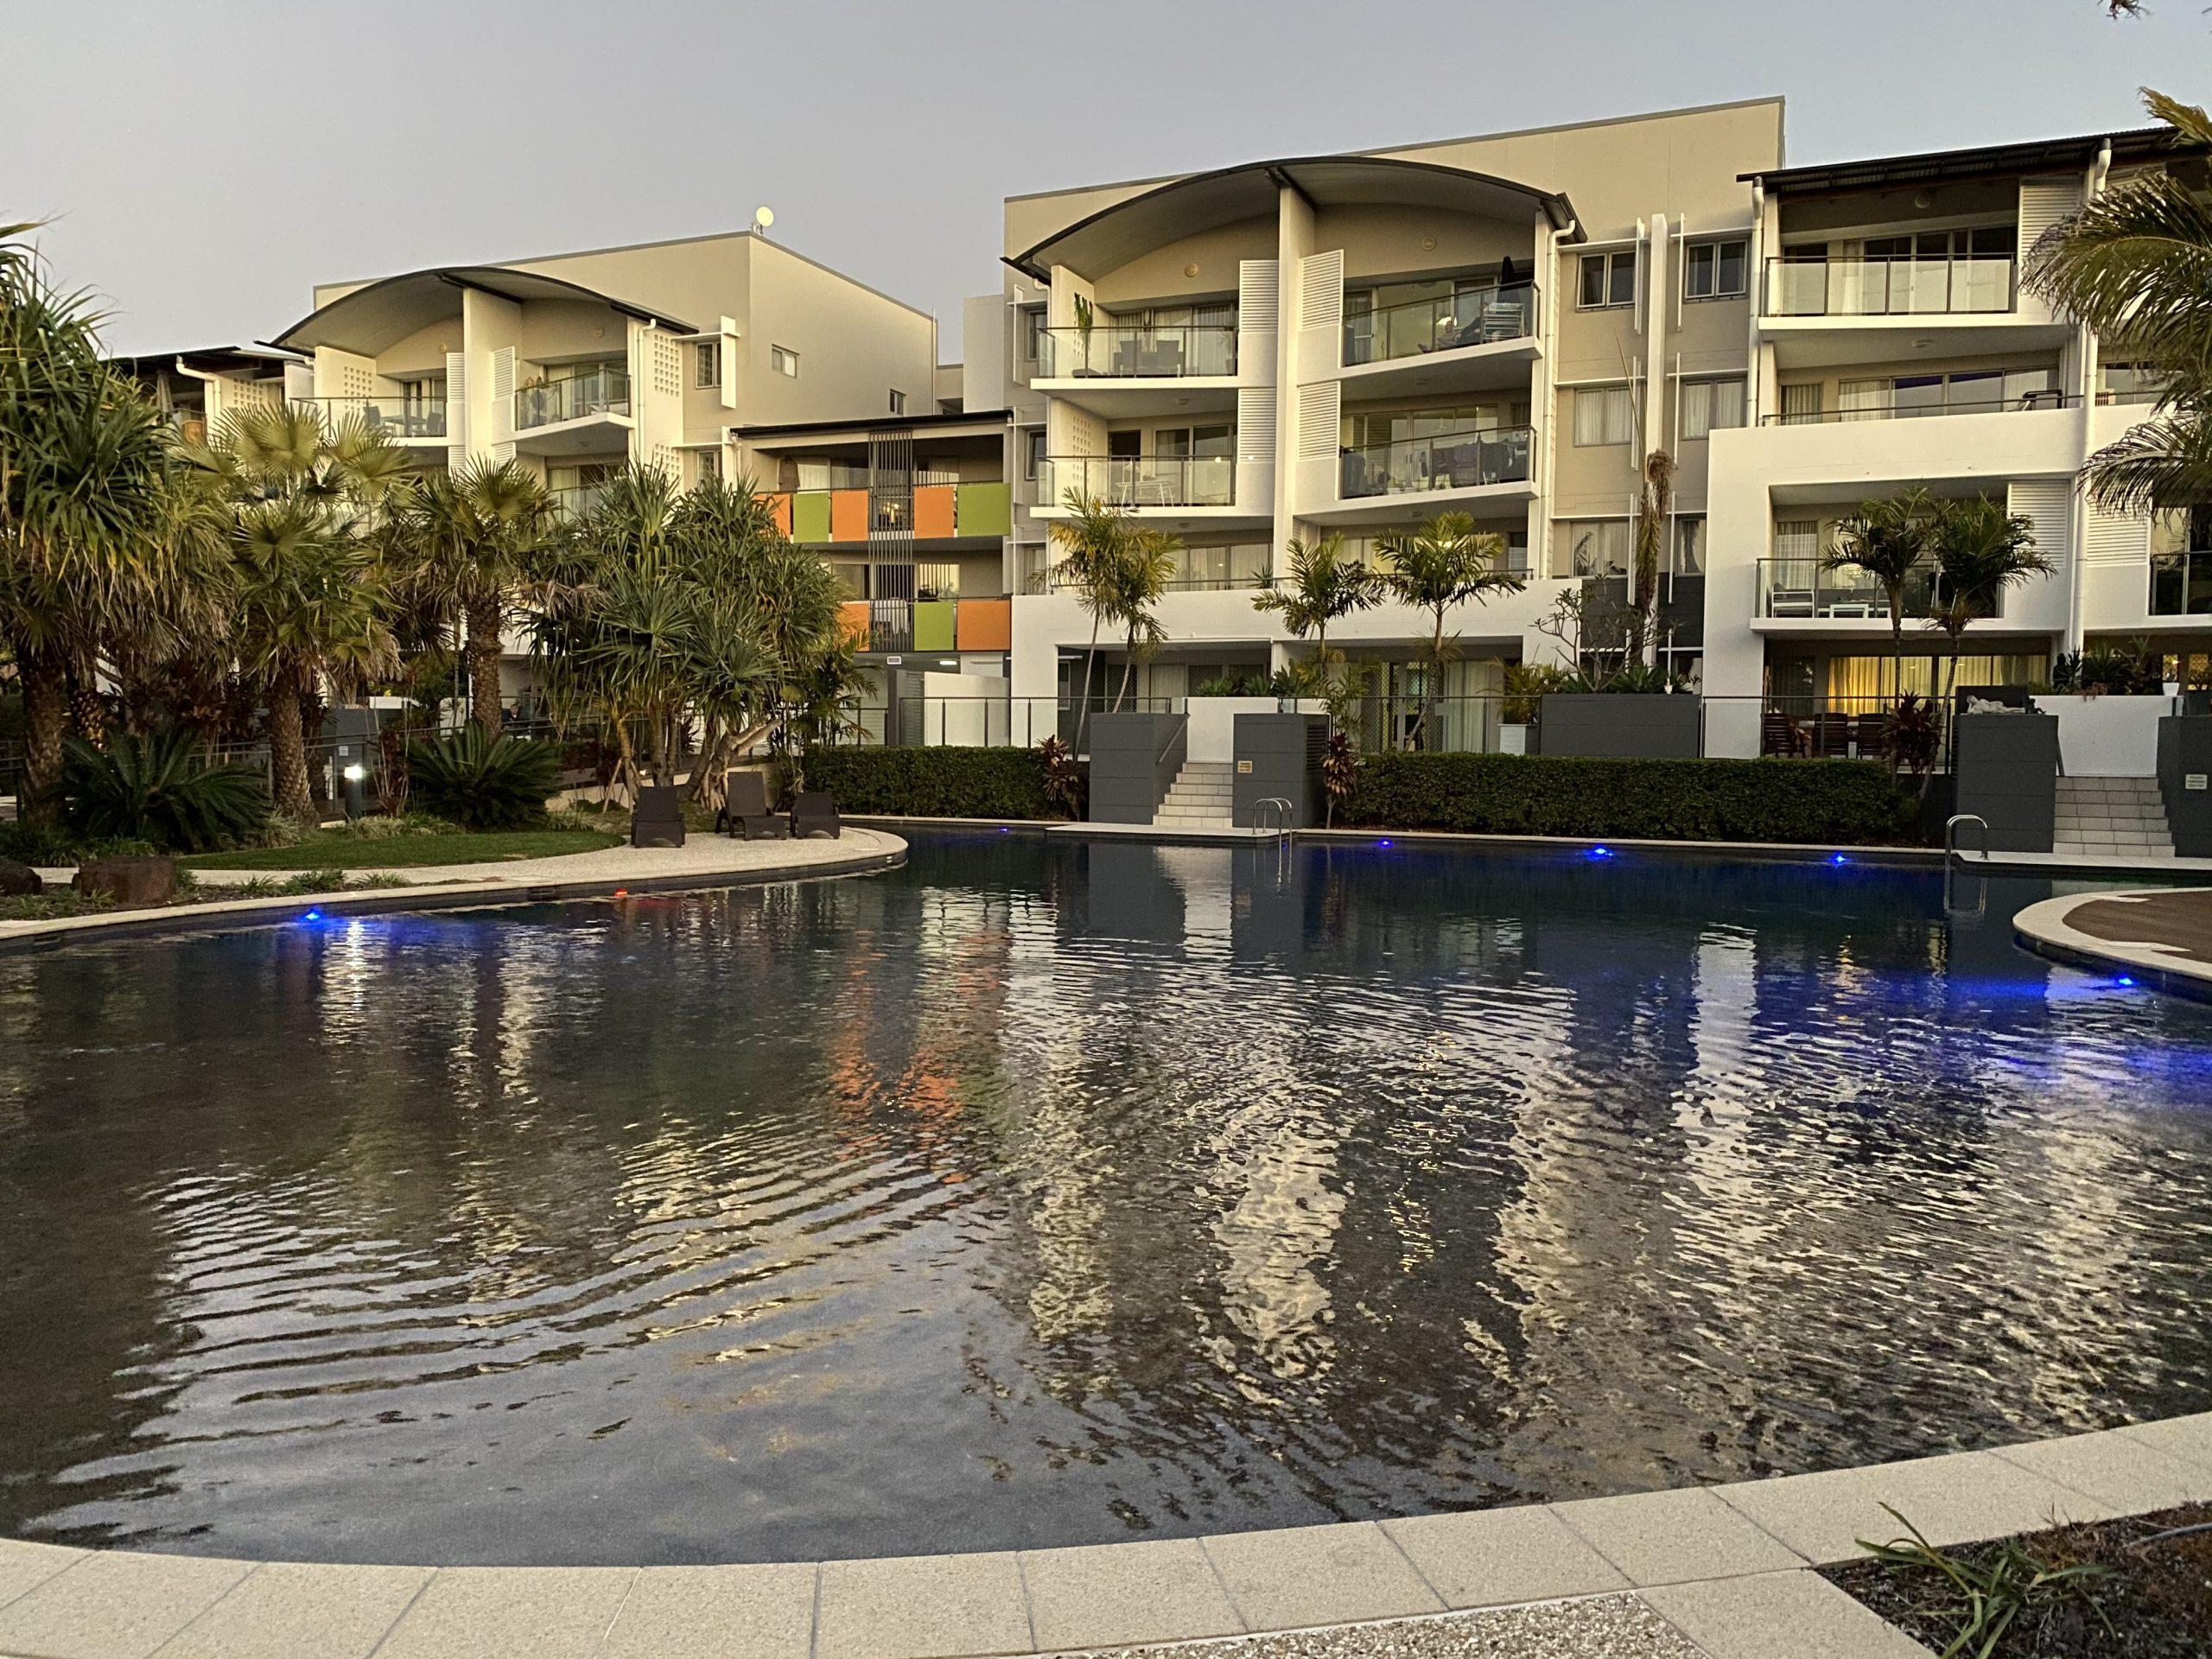 Ocean Reach apartments